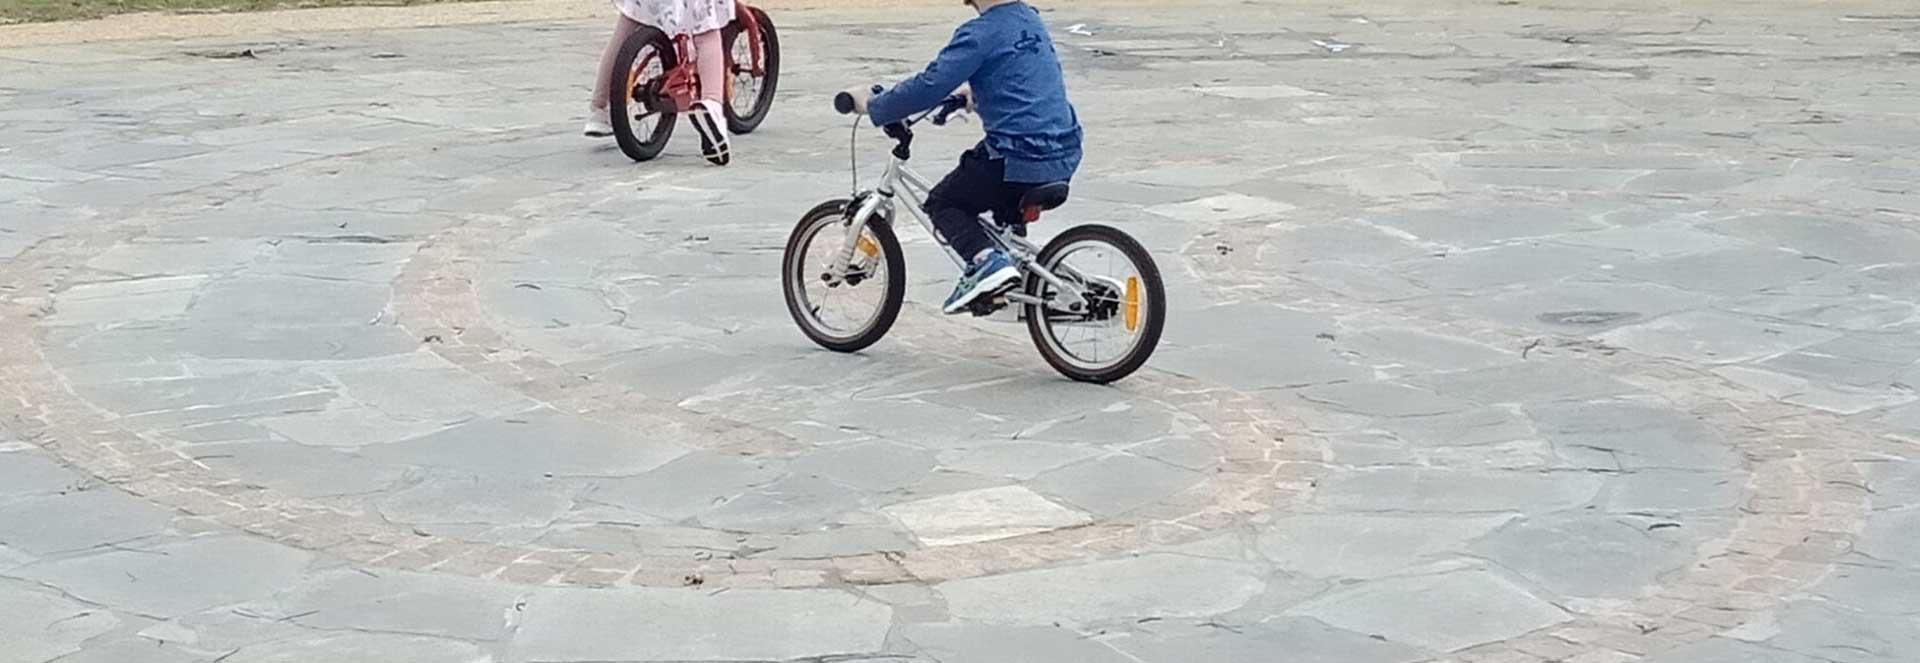 Children Bike Riding the Bunbury Garden Labyrinth